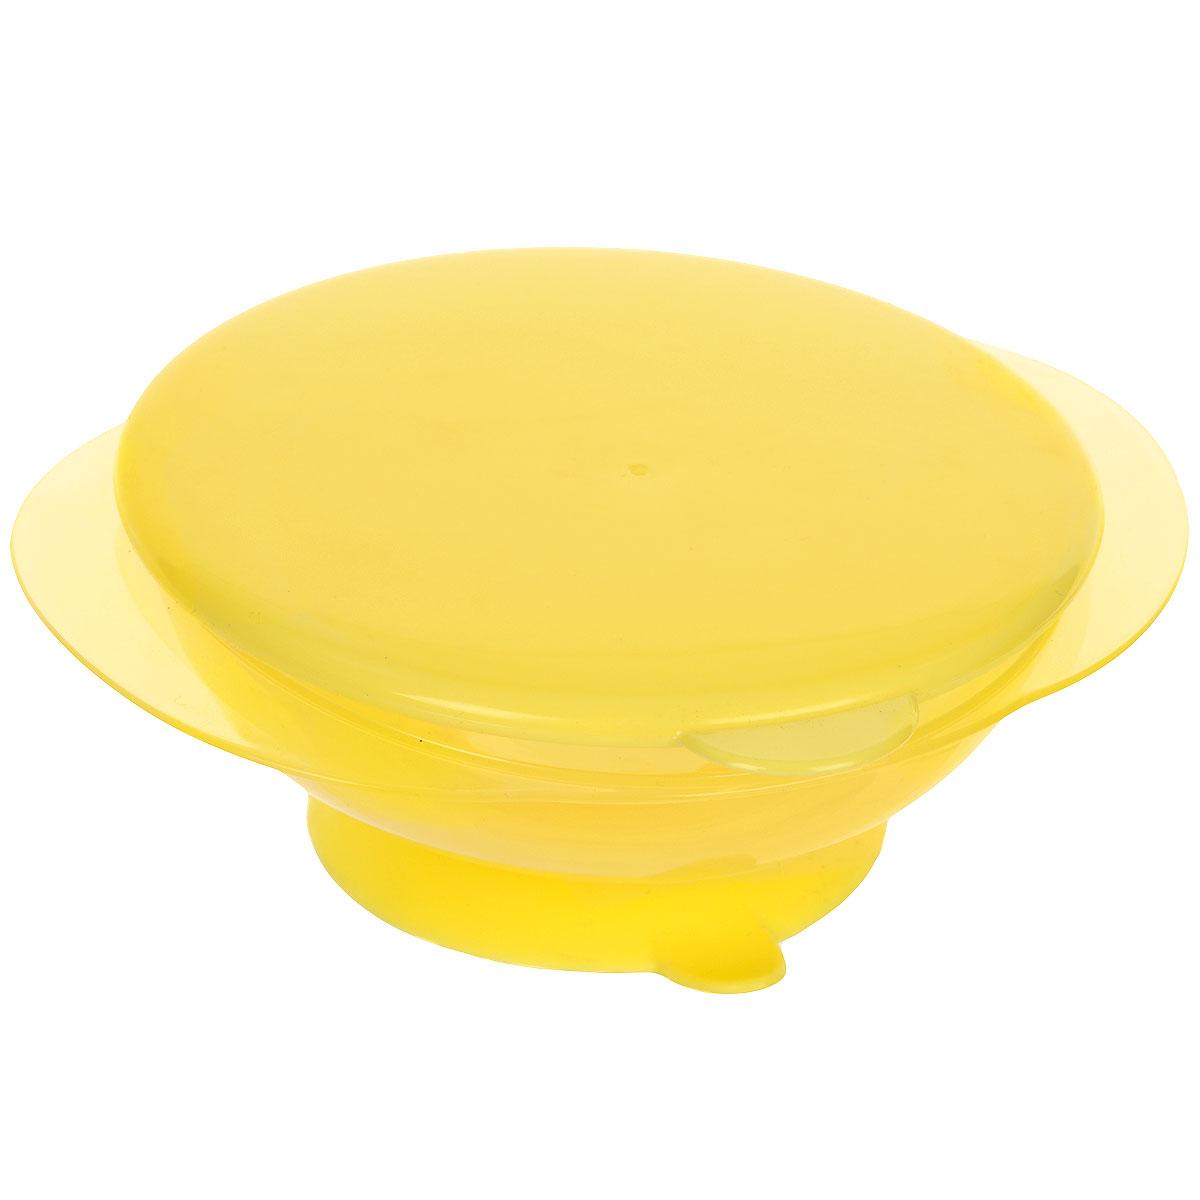 Тарелка на присоске Happy Baby, с крышкой, цвет: желтый15002_желтыйДетская тарелочка Happy Baby с удобной присоской идеально подойдет для кормления малыша и самостоятельного приема им пищи.Тарелочка выполнена из безопасного прозрачного полипропилена, не содержащего Бисфенол А. Специальная резиновая присоска фиксирует тарелку на столе, благодаря чему она не упадет, еда не прольется, а ваш малыш будет доволен. В комплект к тарелке предусмотрена плотно закрывающаяся крышка, которая позволит сохранить остатки еды или будет полезна в дороге. Характеристики:Материал: полипропилен, термопластичный эластомер. Рекомендуемый возраст: от 8 месяцев. Размер тарелки: 16,5 см х 14 см х 6 см. Диаметр присоски: 8 см.